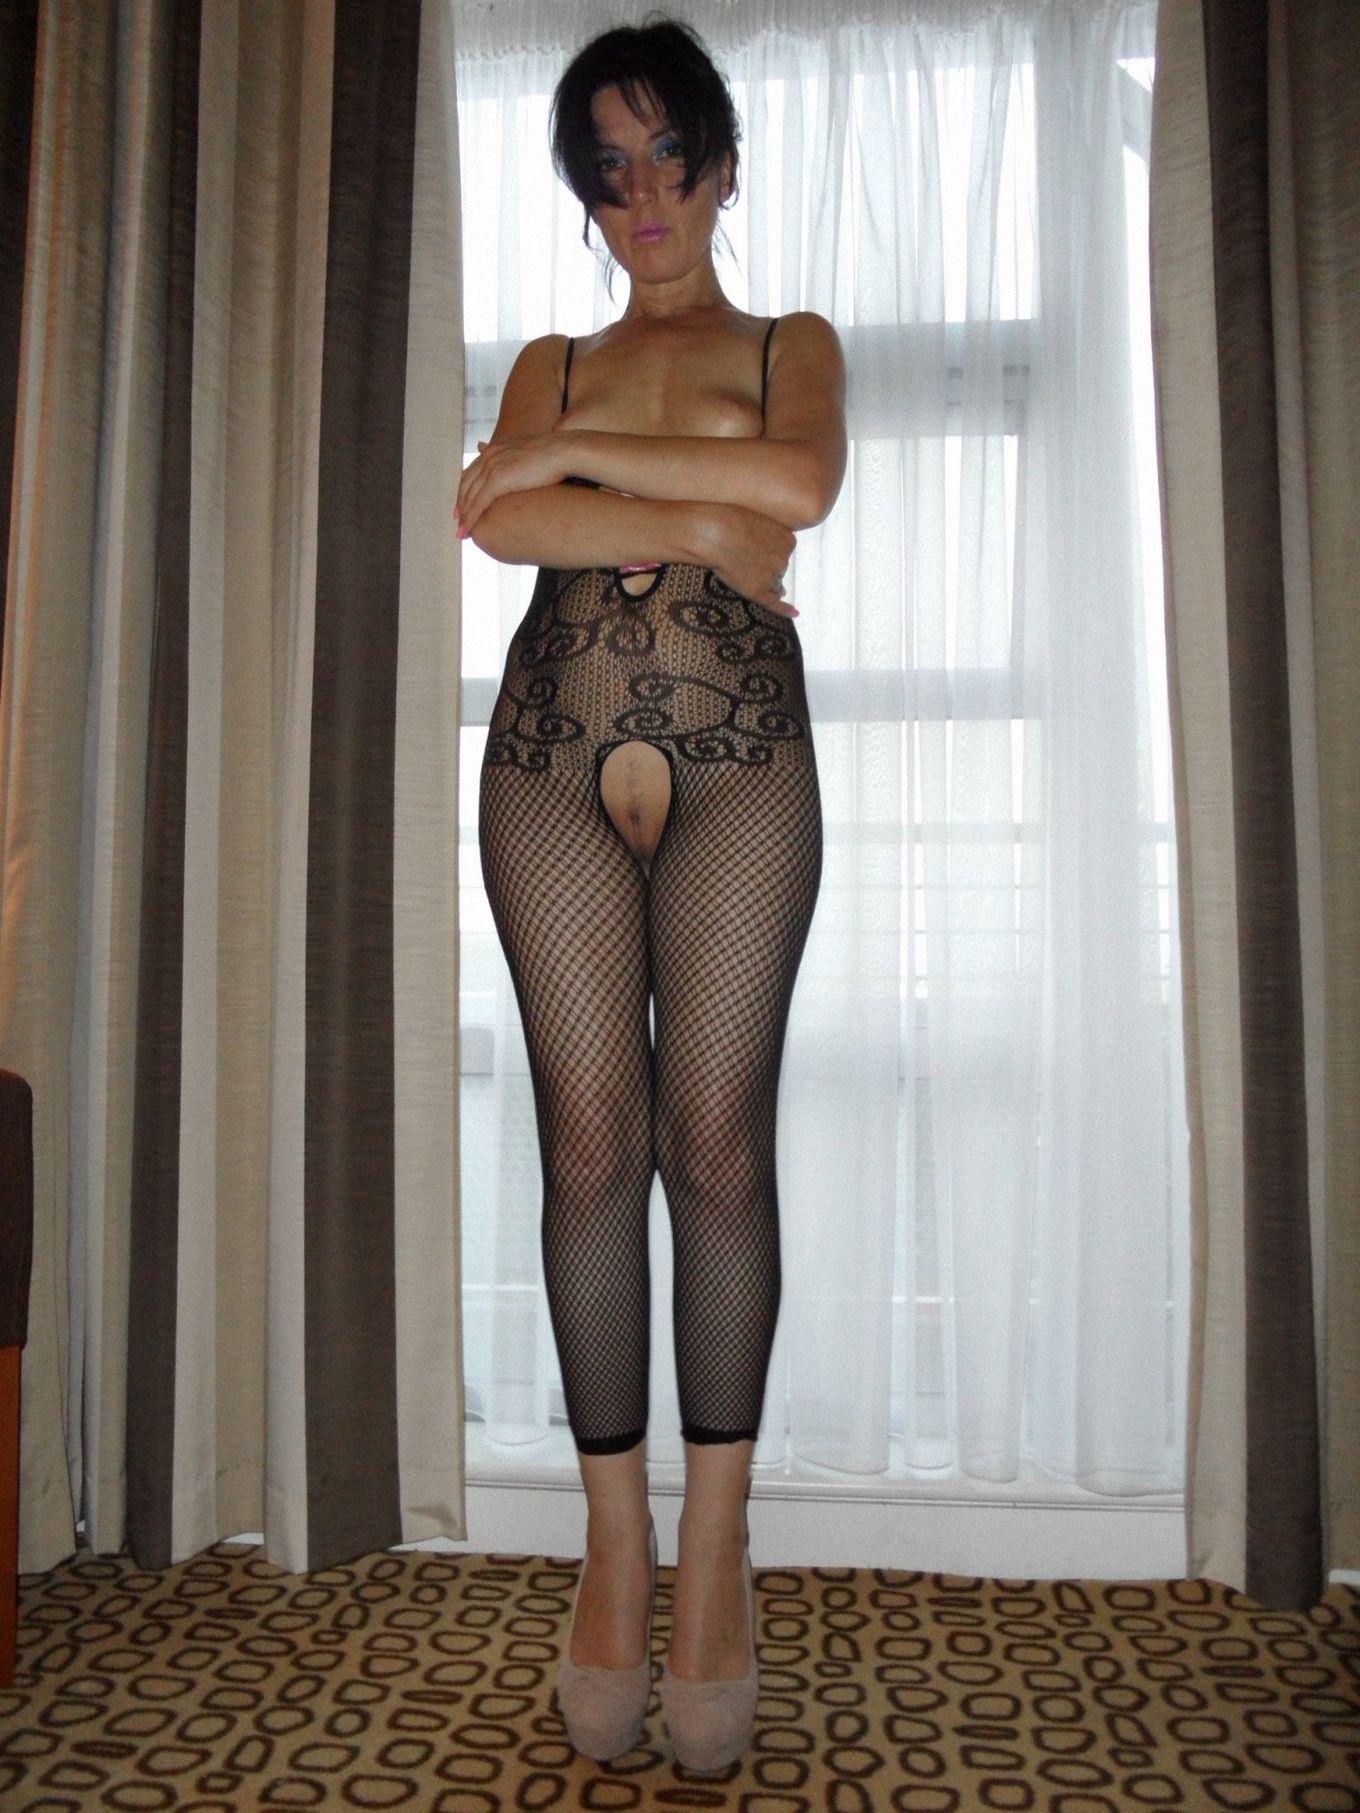 Красивая женщина в самом сексуальном нижнем белье, поела спермы